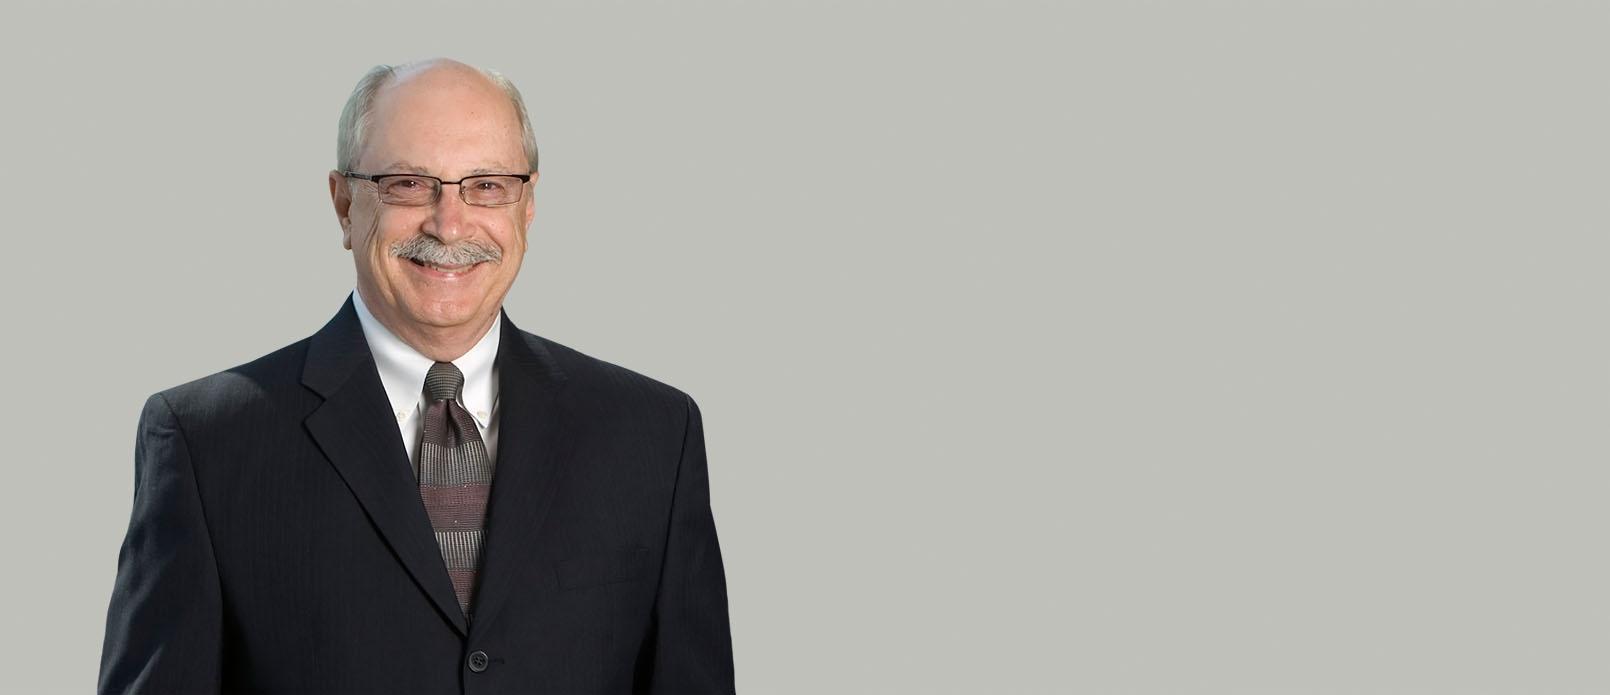 Thomas J. Ray